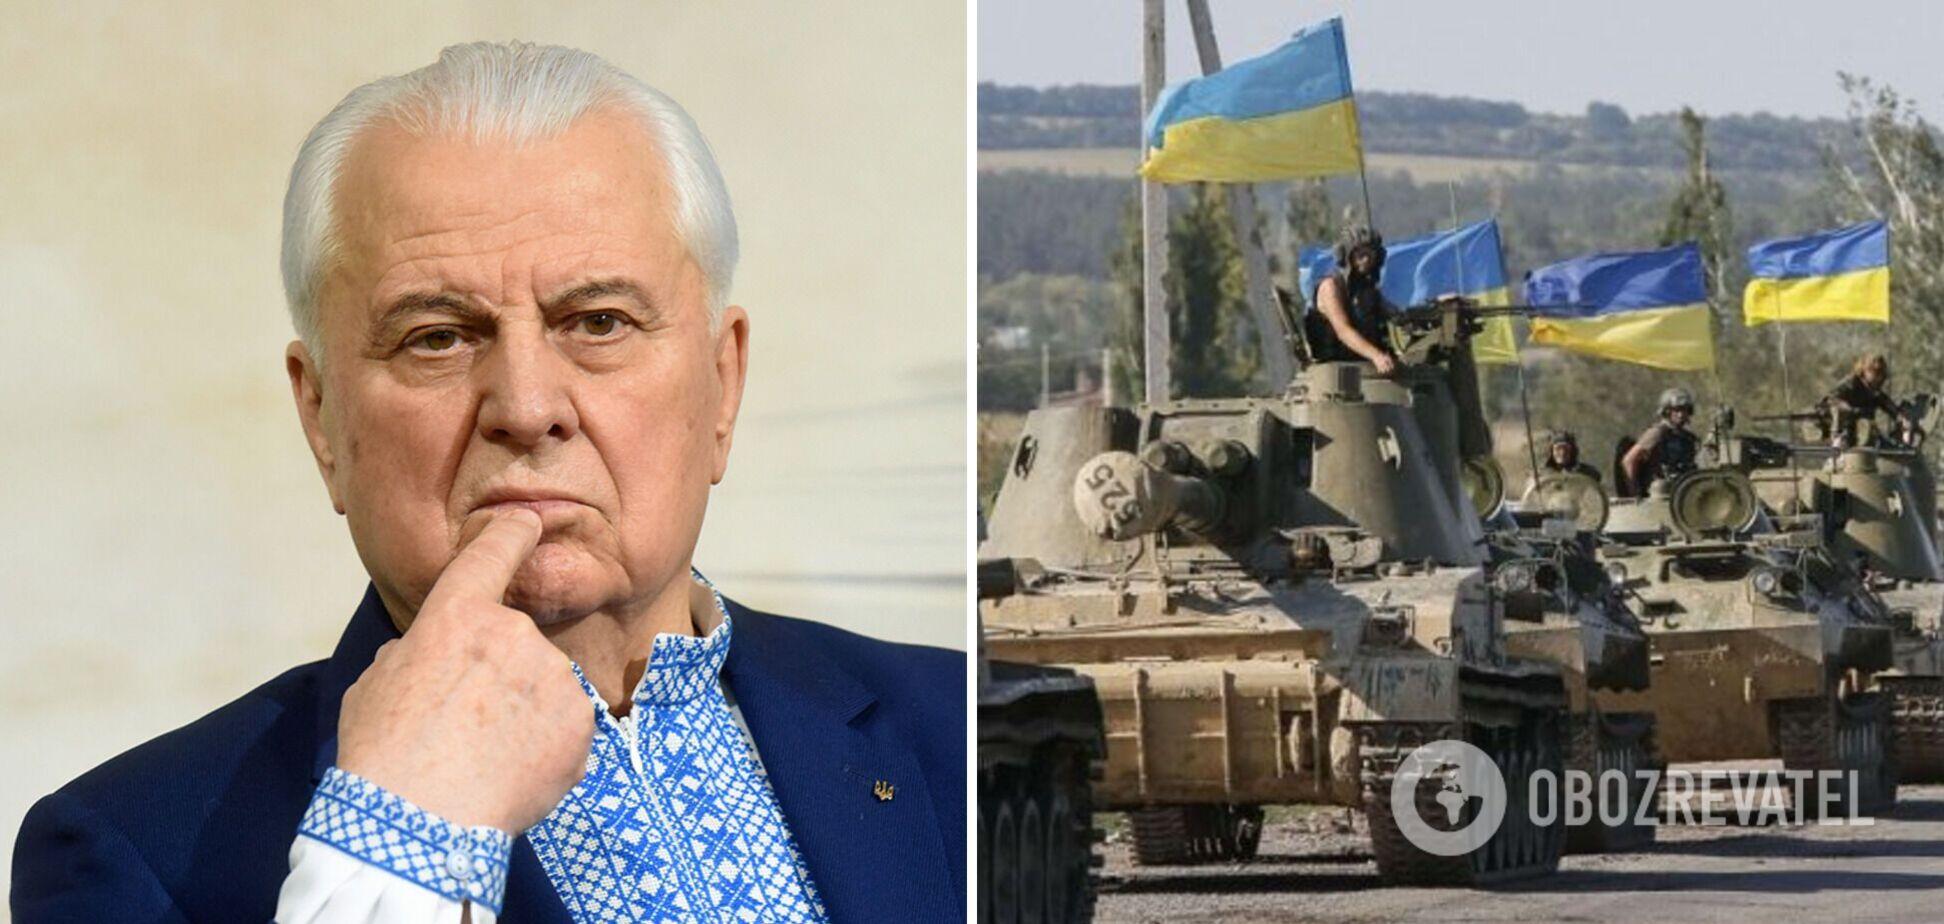 Кравчук припустив широкомасштабний конфлікт на Донбасі: потрібно залучати США